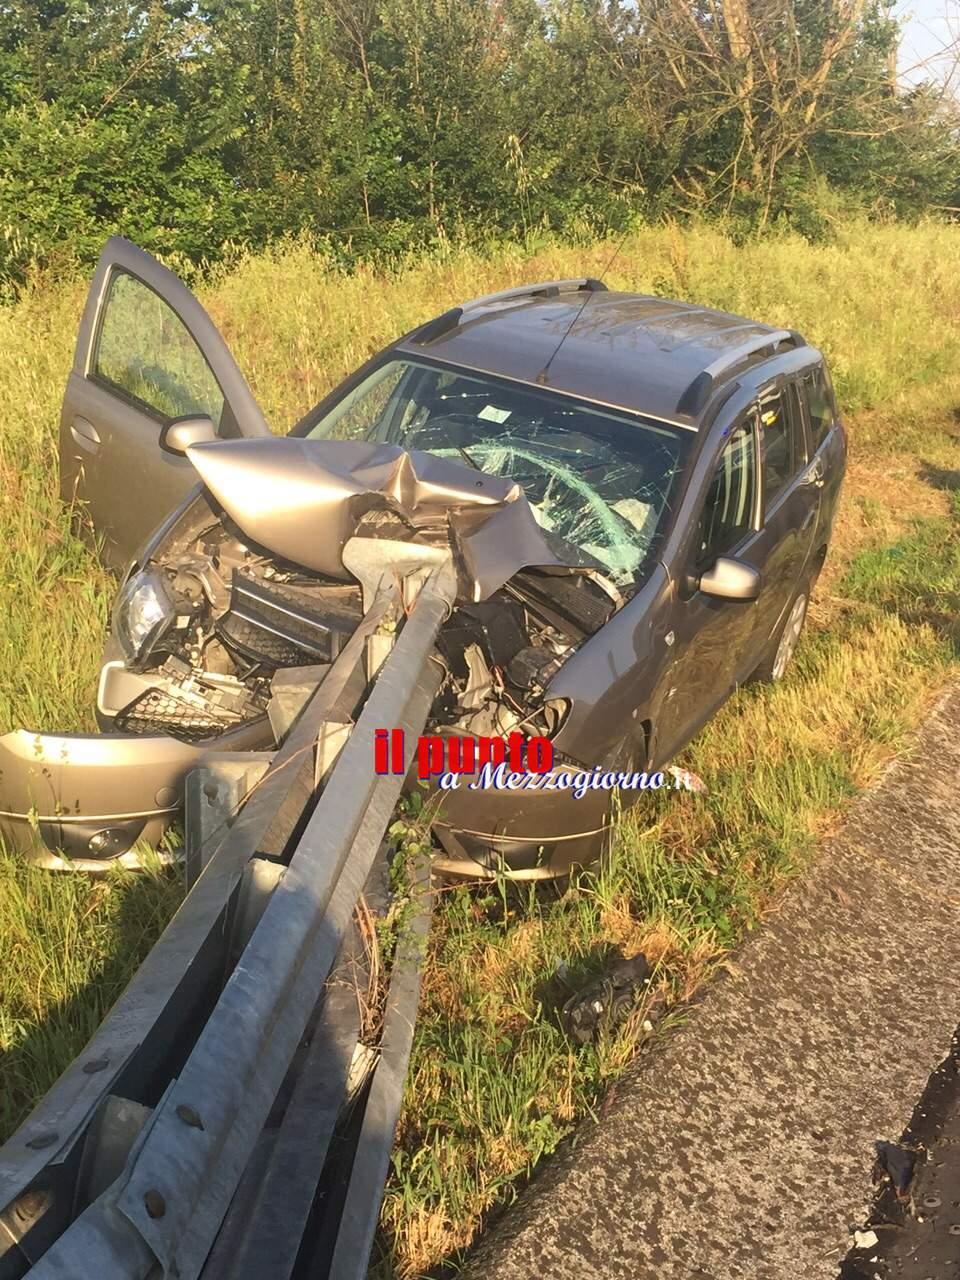 Miracolati dal guardraill a Cassino, l'asse infilza l'auto dopo l'incidente